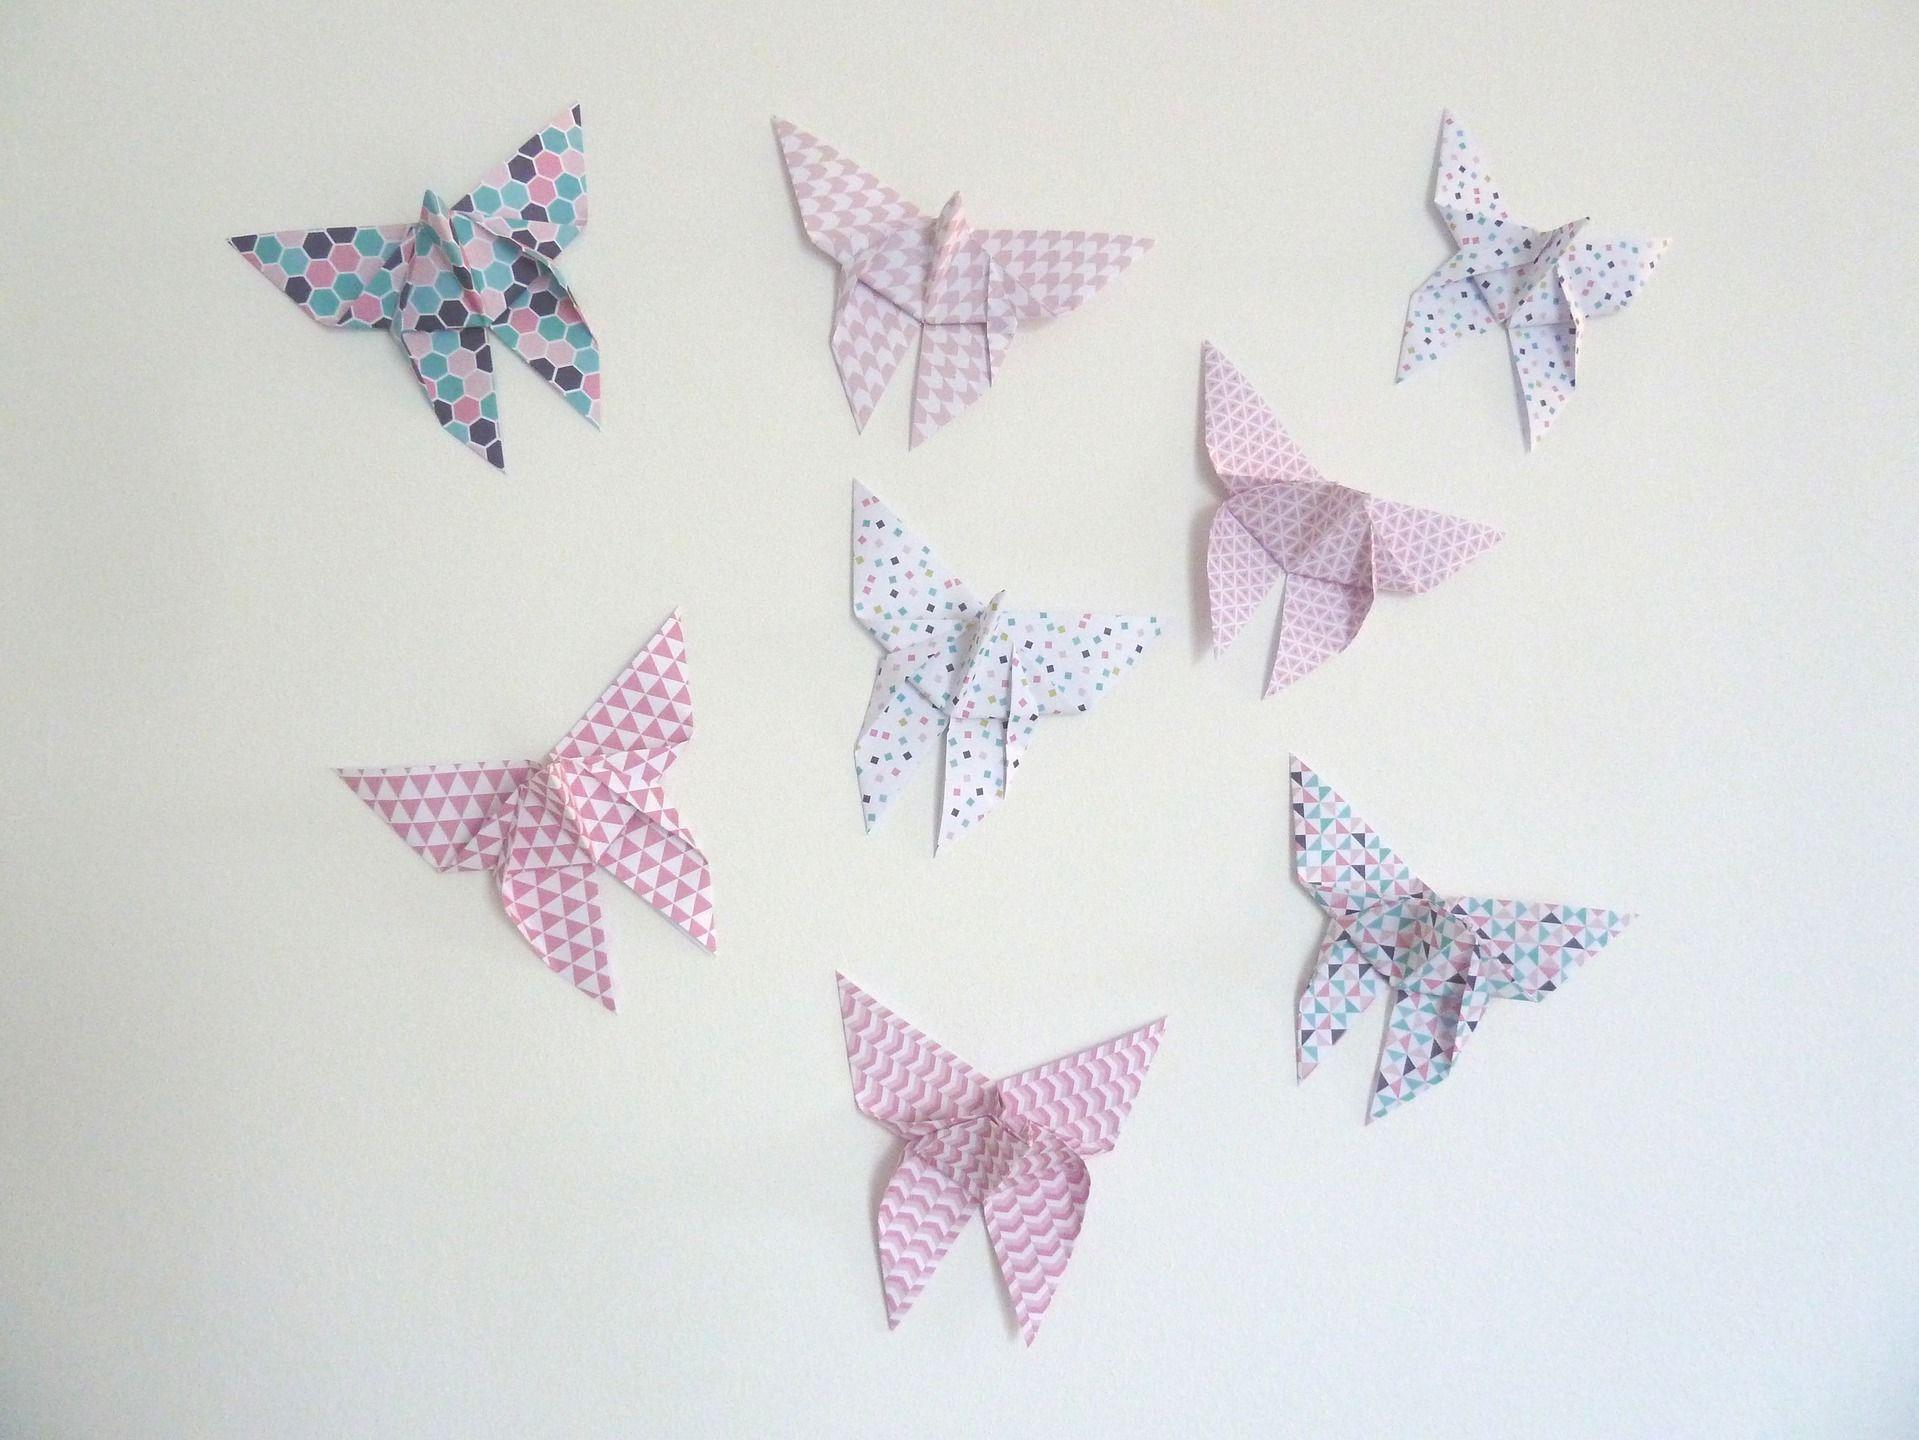 Stickers Autocollants Papillon En Origami Pour Décoration - Decoration murale pour pinterest chambre